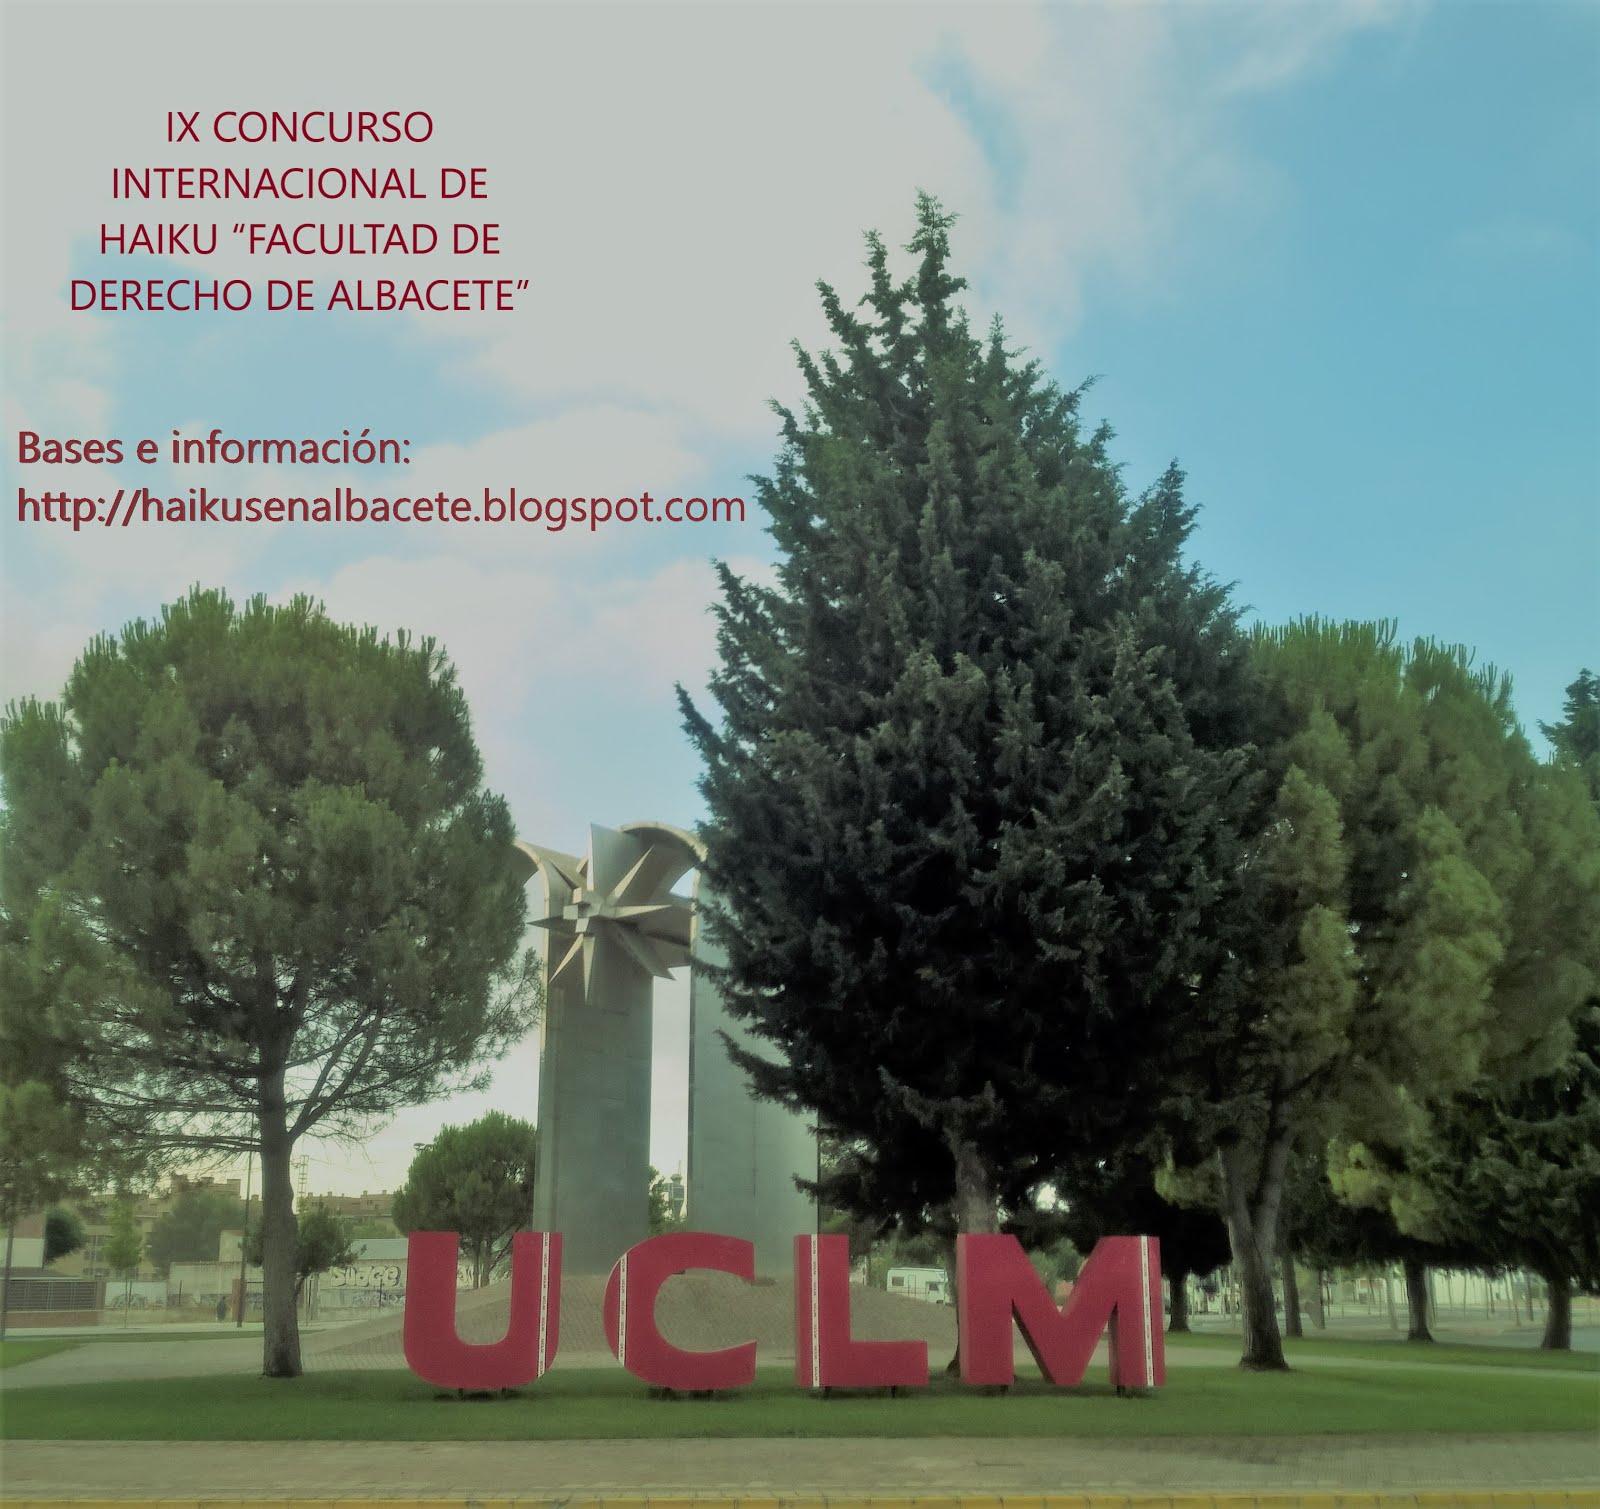 """IX CONCURSO INTERNACIONAL DE HAIKU """"FACULTAD DE DERECHO DE ALBACETE"""""""